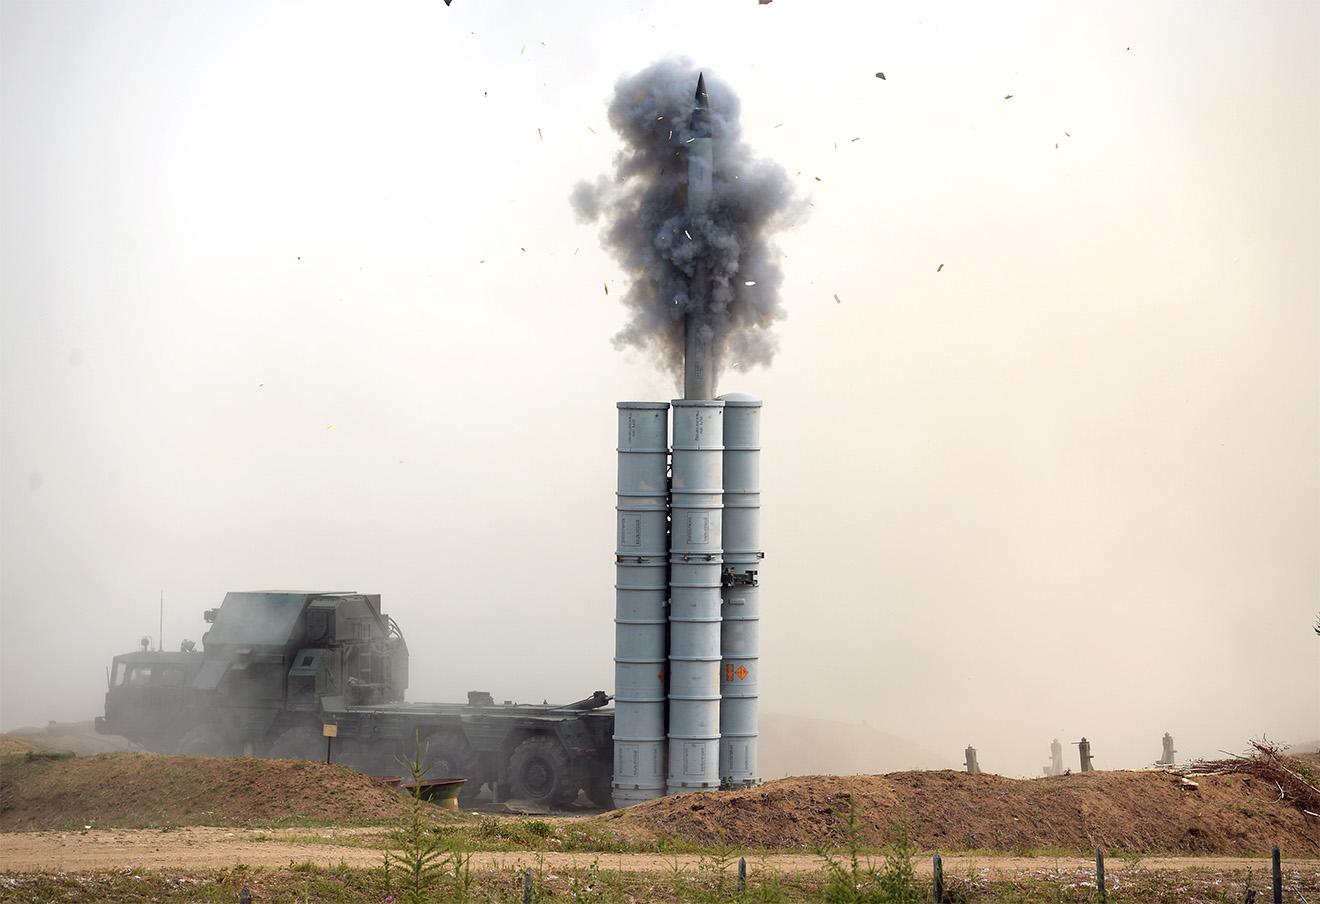 Зенитчики Центрального военного округа во время боевых стрельб из зенитно-ракетных комплексов С-300. Фото: Донат Сорокин / ТАСС